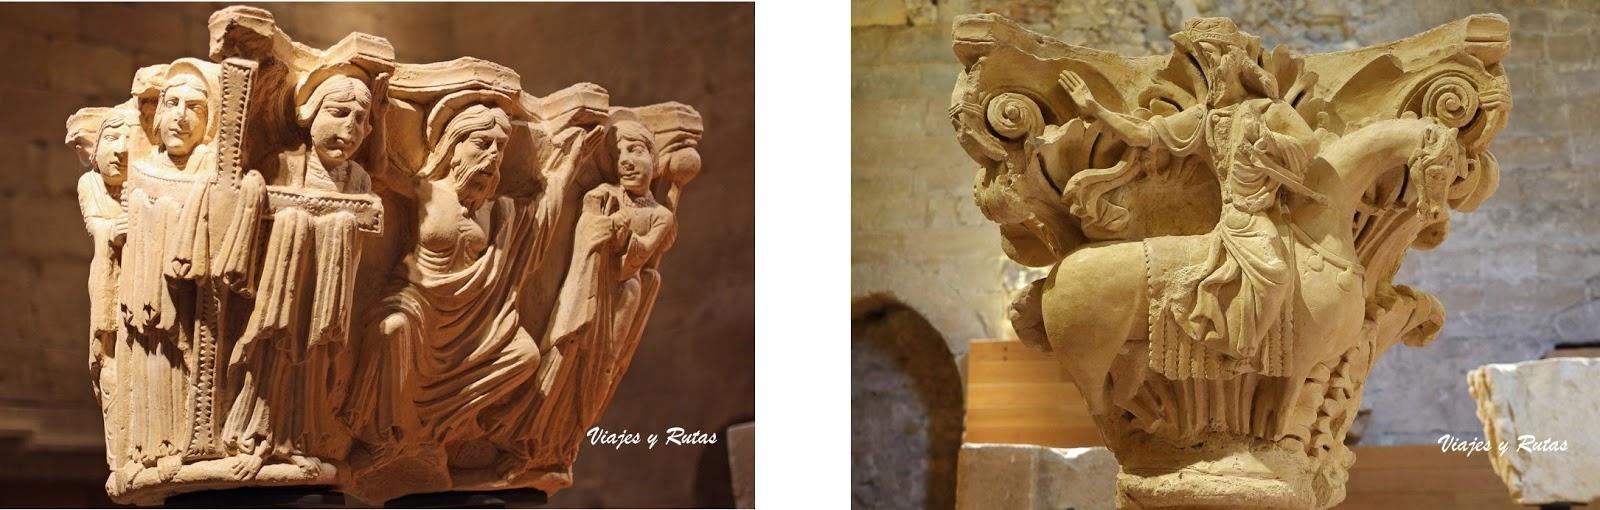 Capiteles del Monasterio de Santa María la Real, Aguilar de Campoo